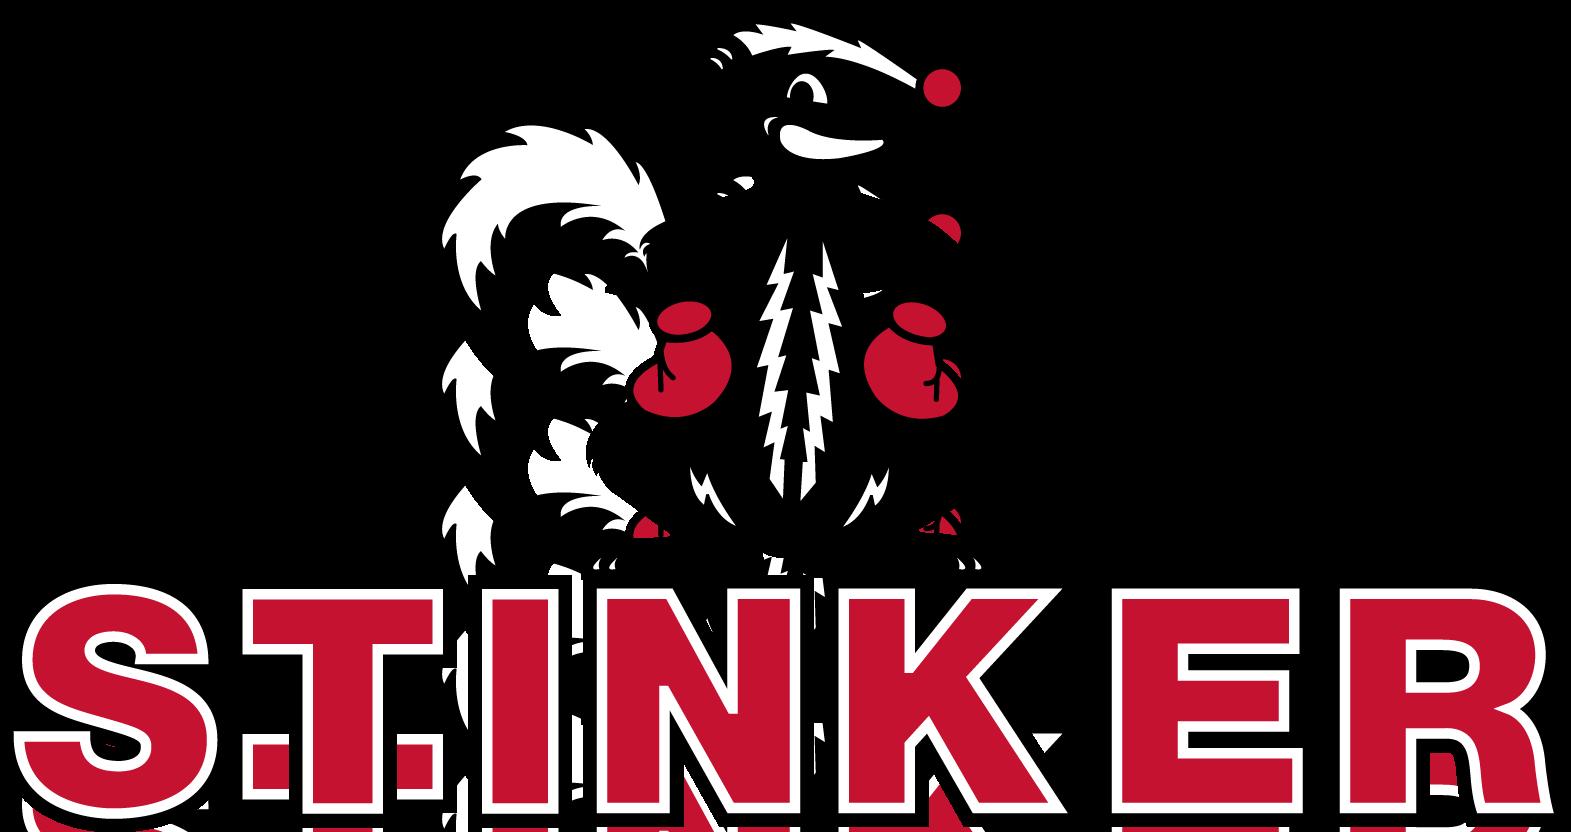 Stinker Logo